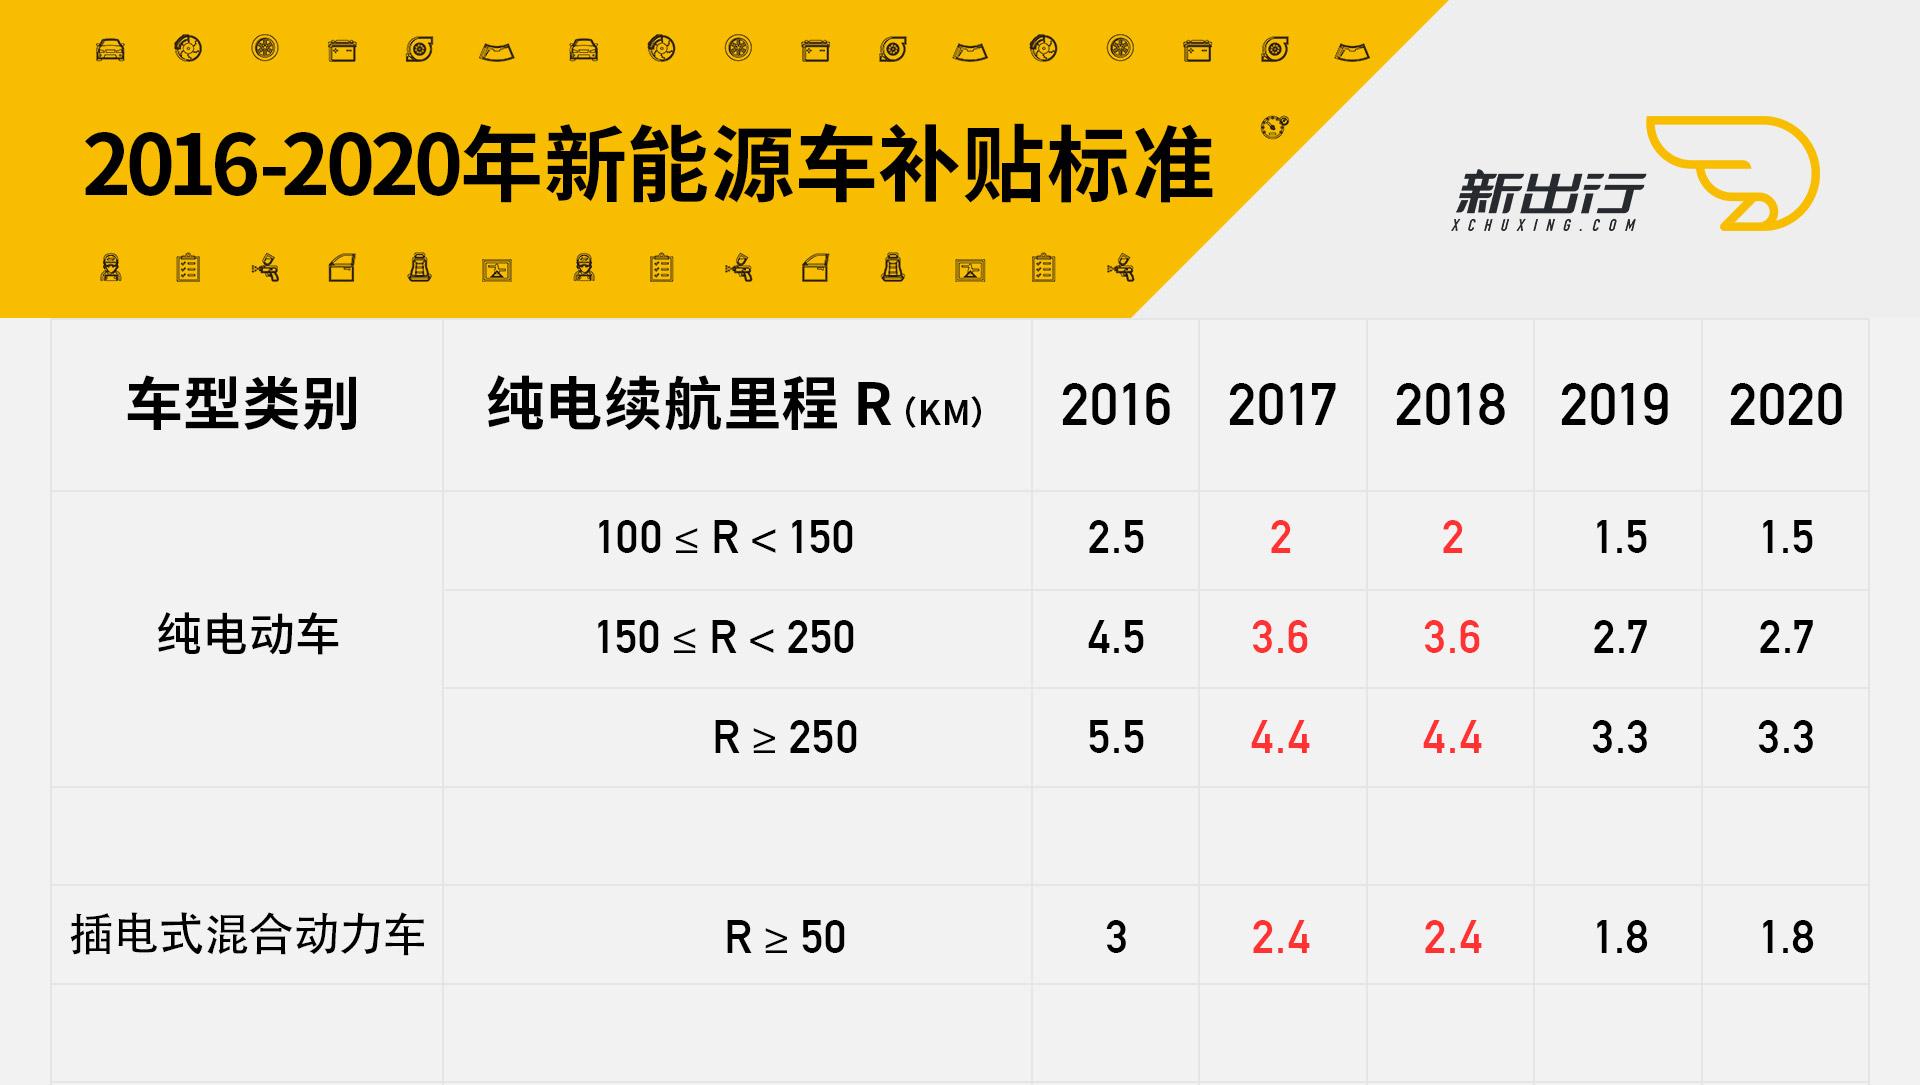 2016-2020年补贴情况.jpg